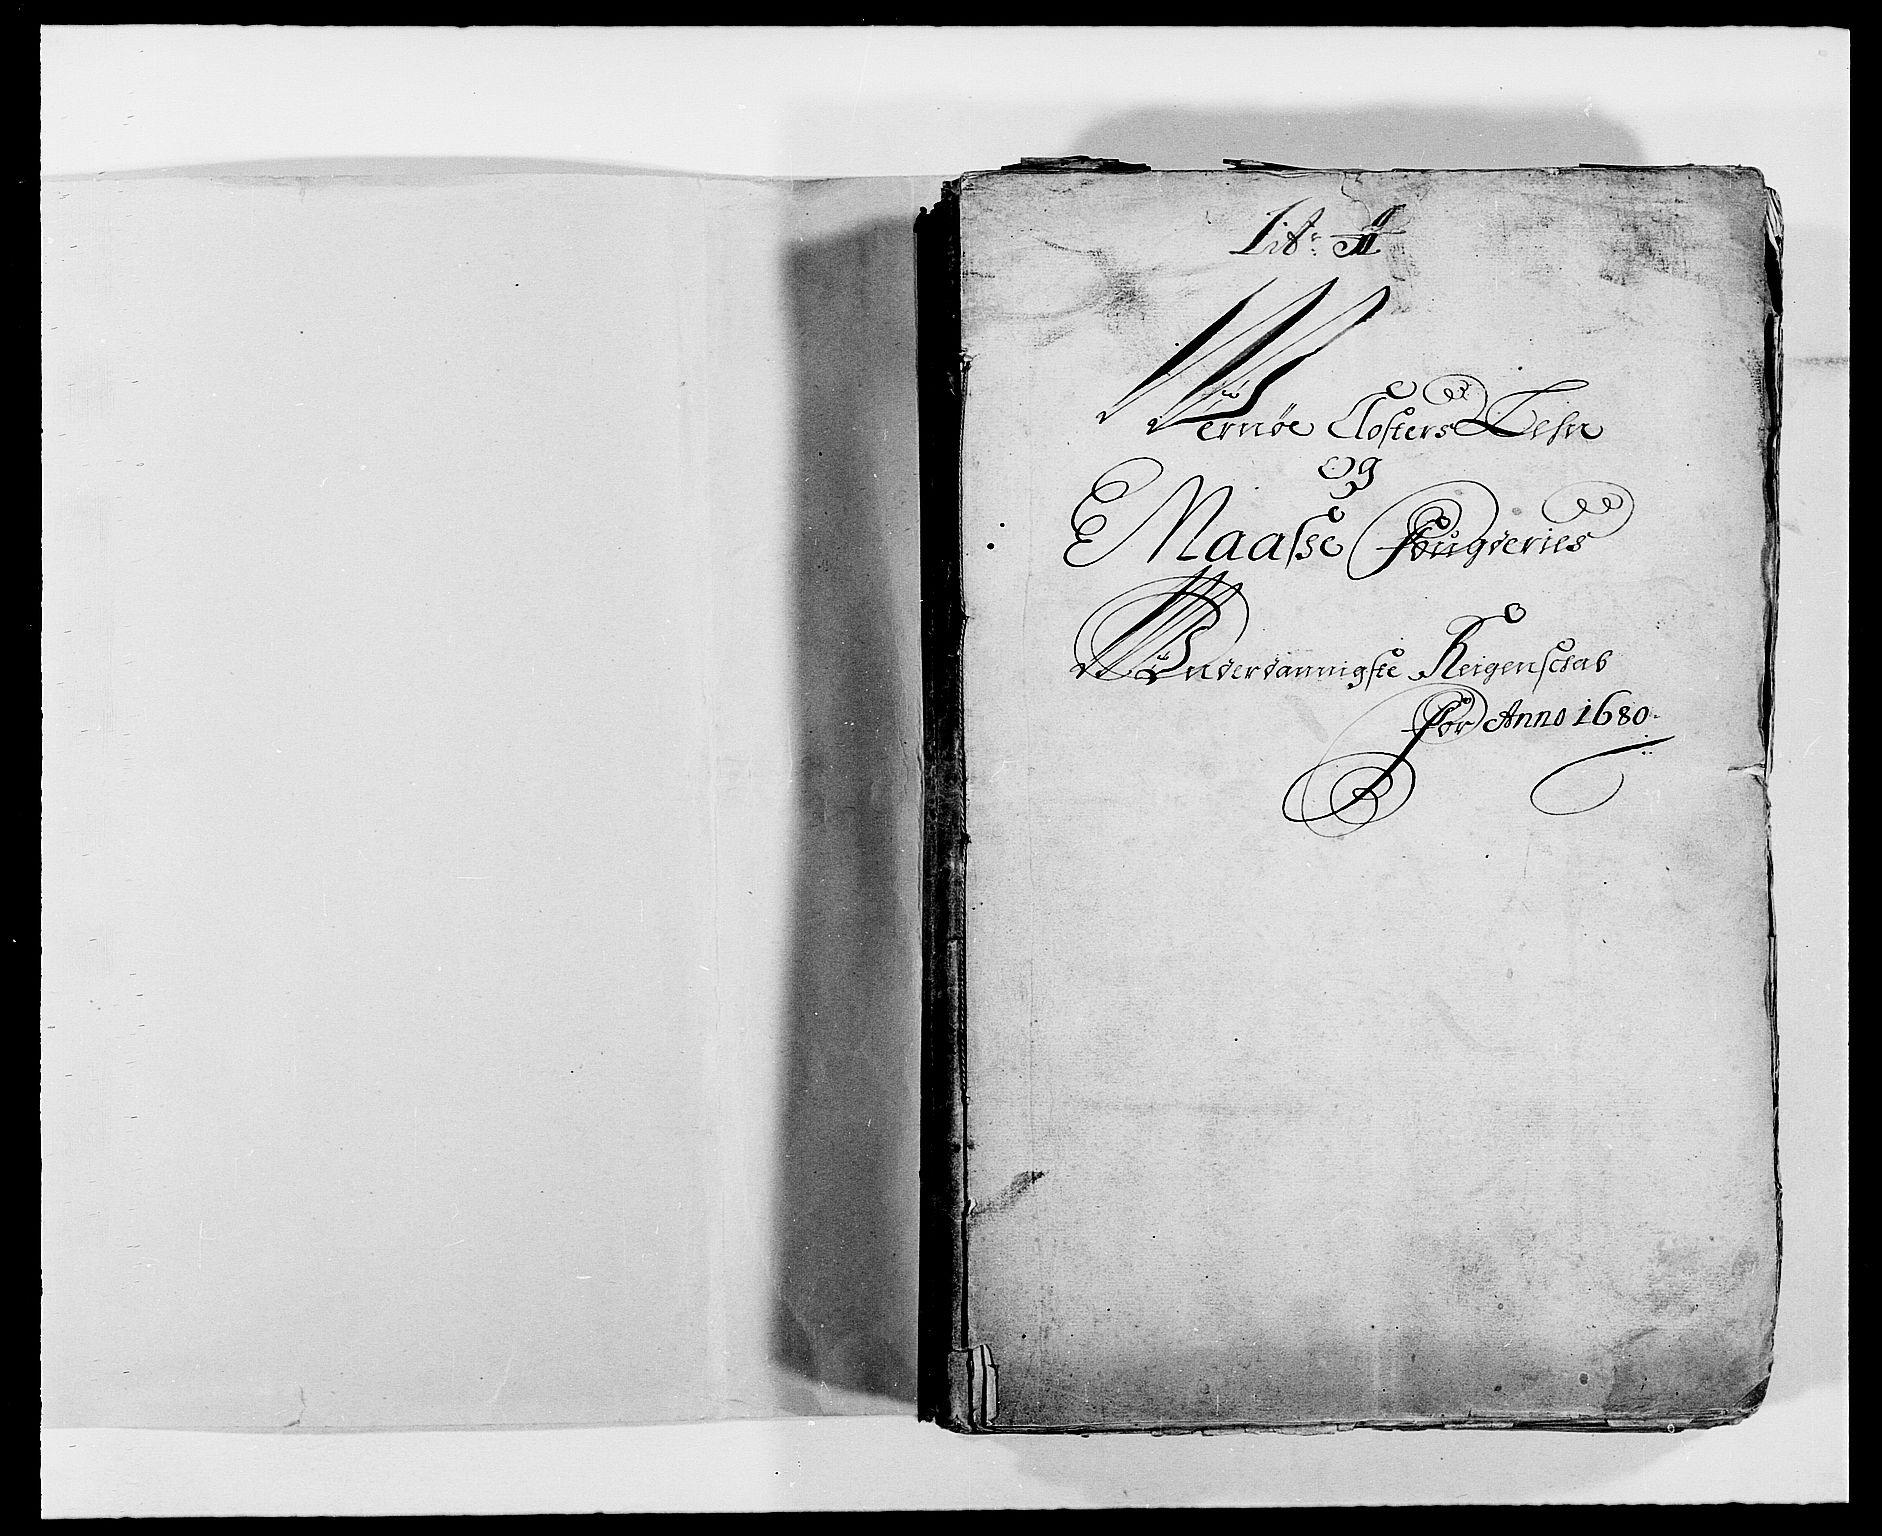 RA, Rentekammeret inntil 1814, Reviderte regnskaper, Fogderegnskap, R02/L0101: Fogderegnskap Moss og Verne kloster, 1680, s. 2